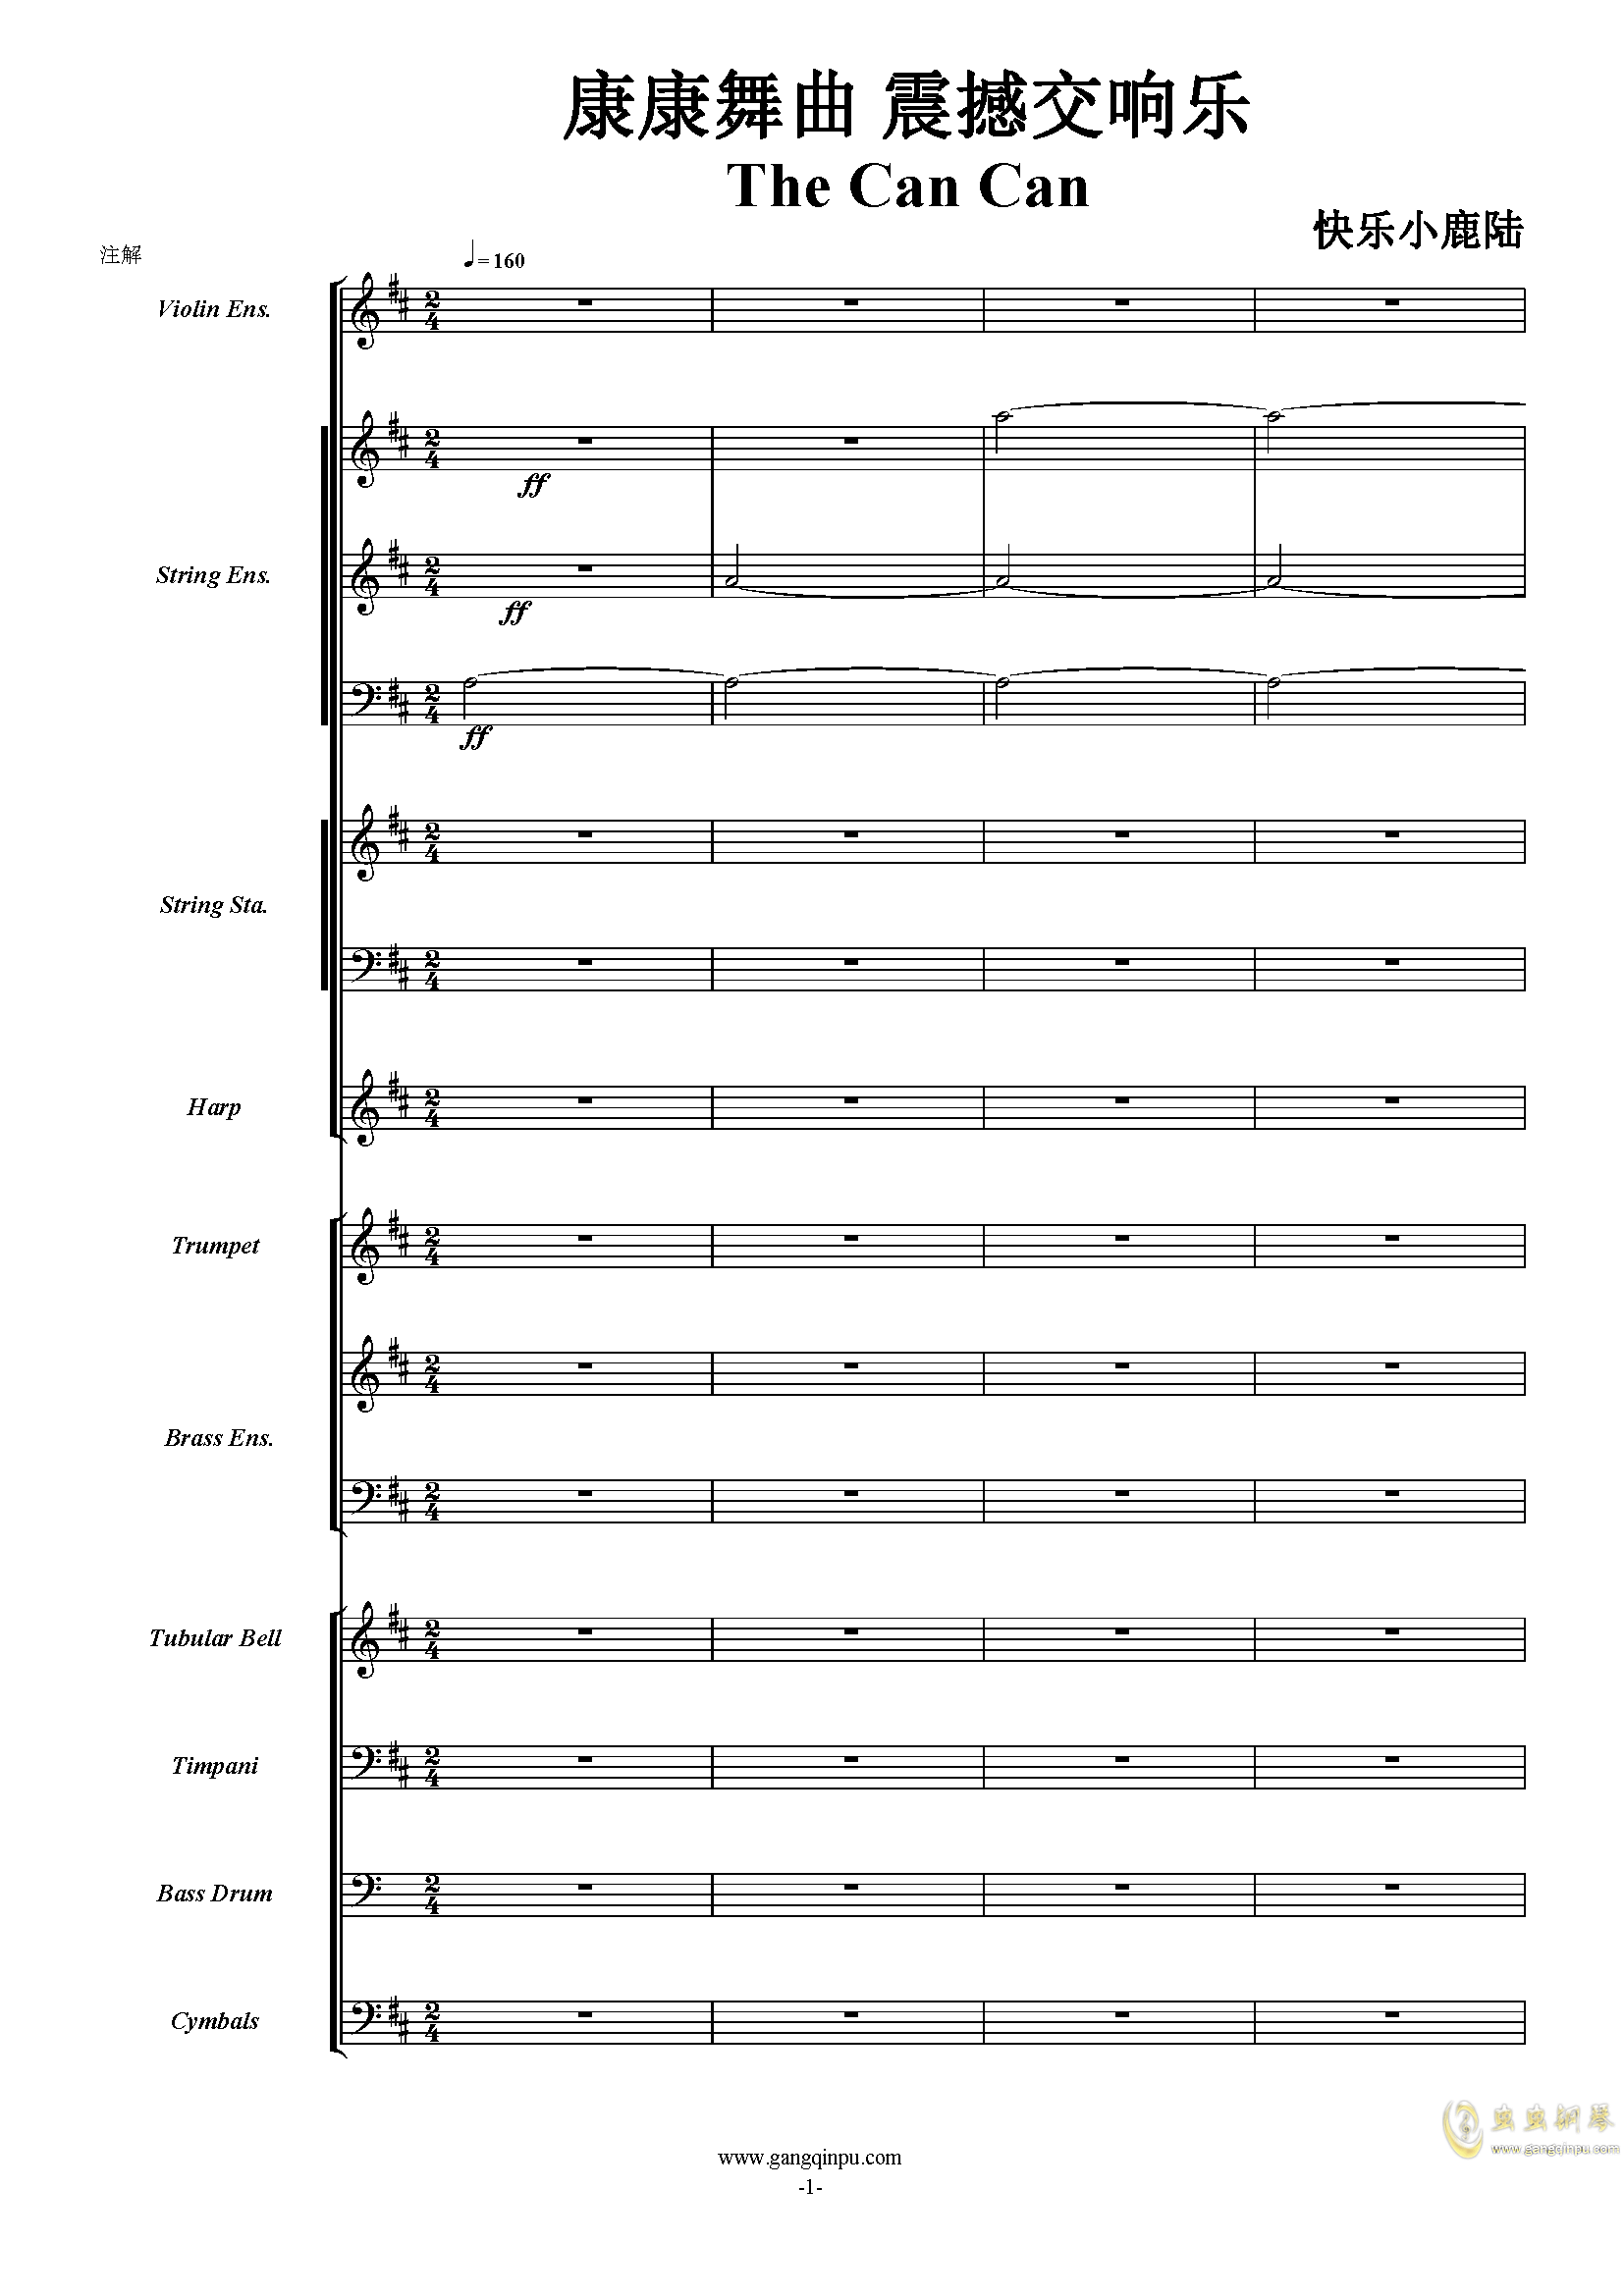 震撼交响版总谱钢琴谱-奥芬巴赫-虫虫钢琴谱图片